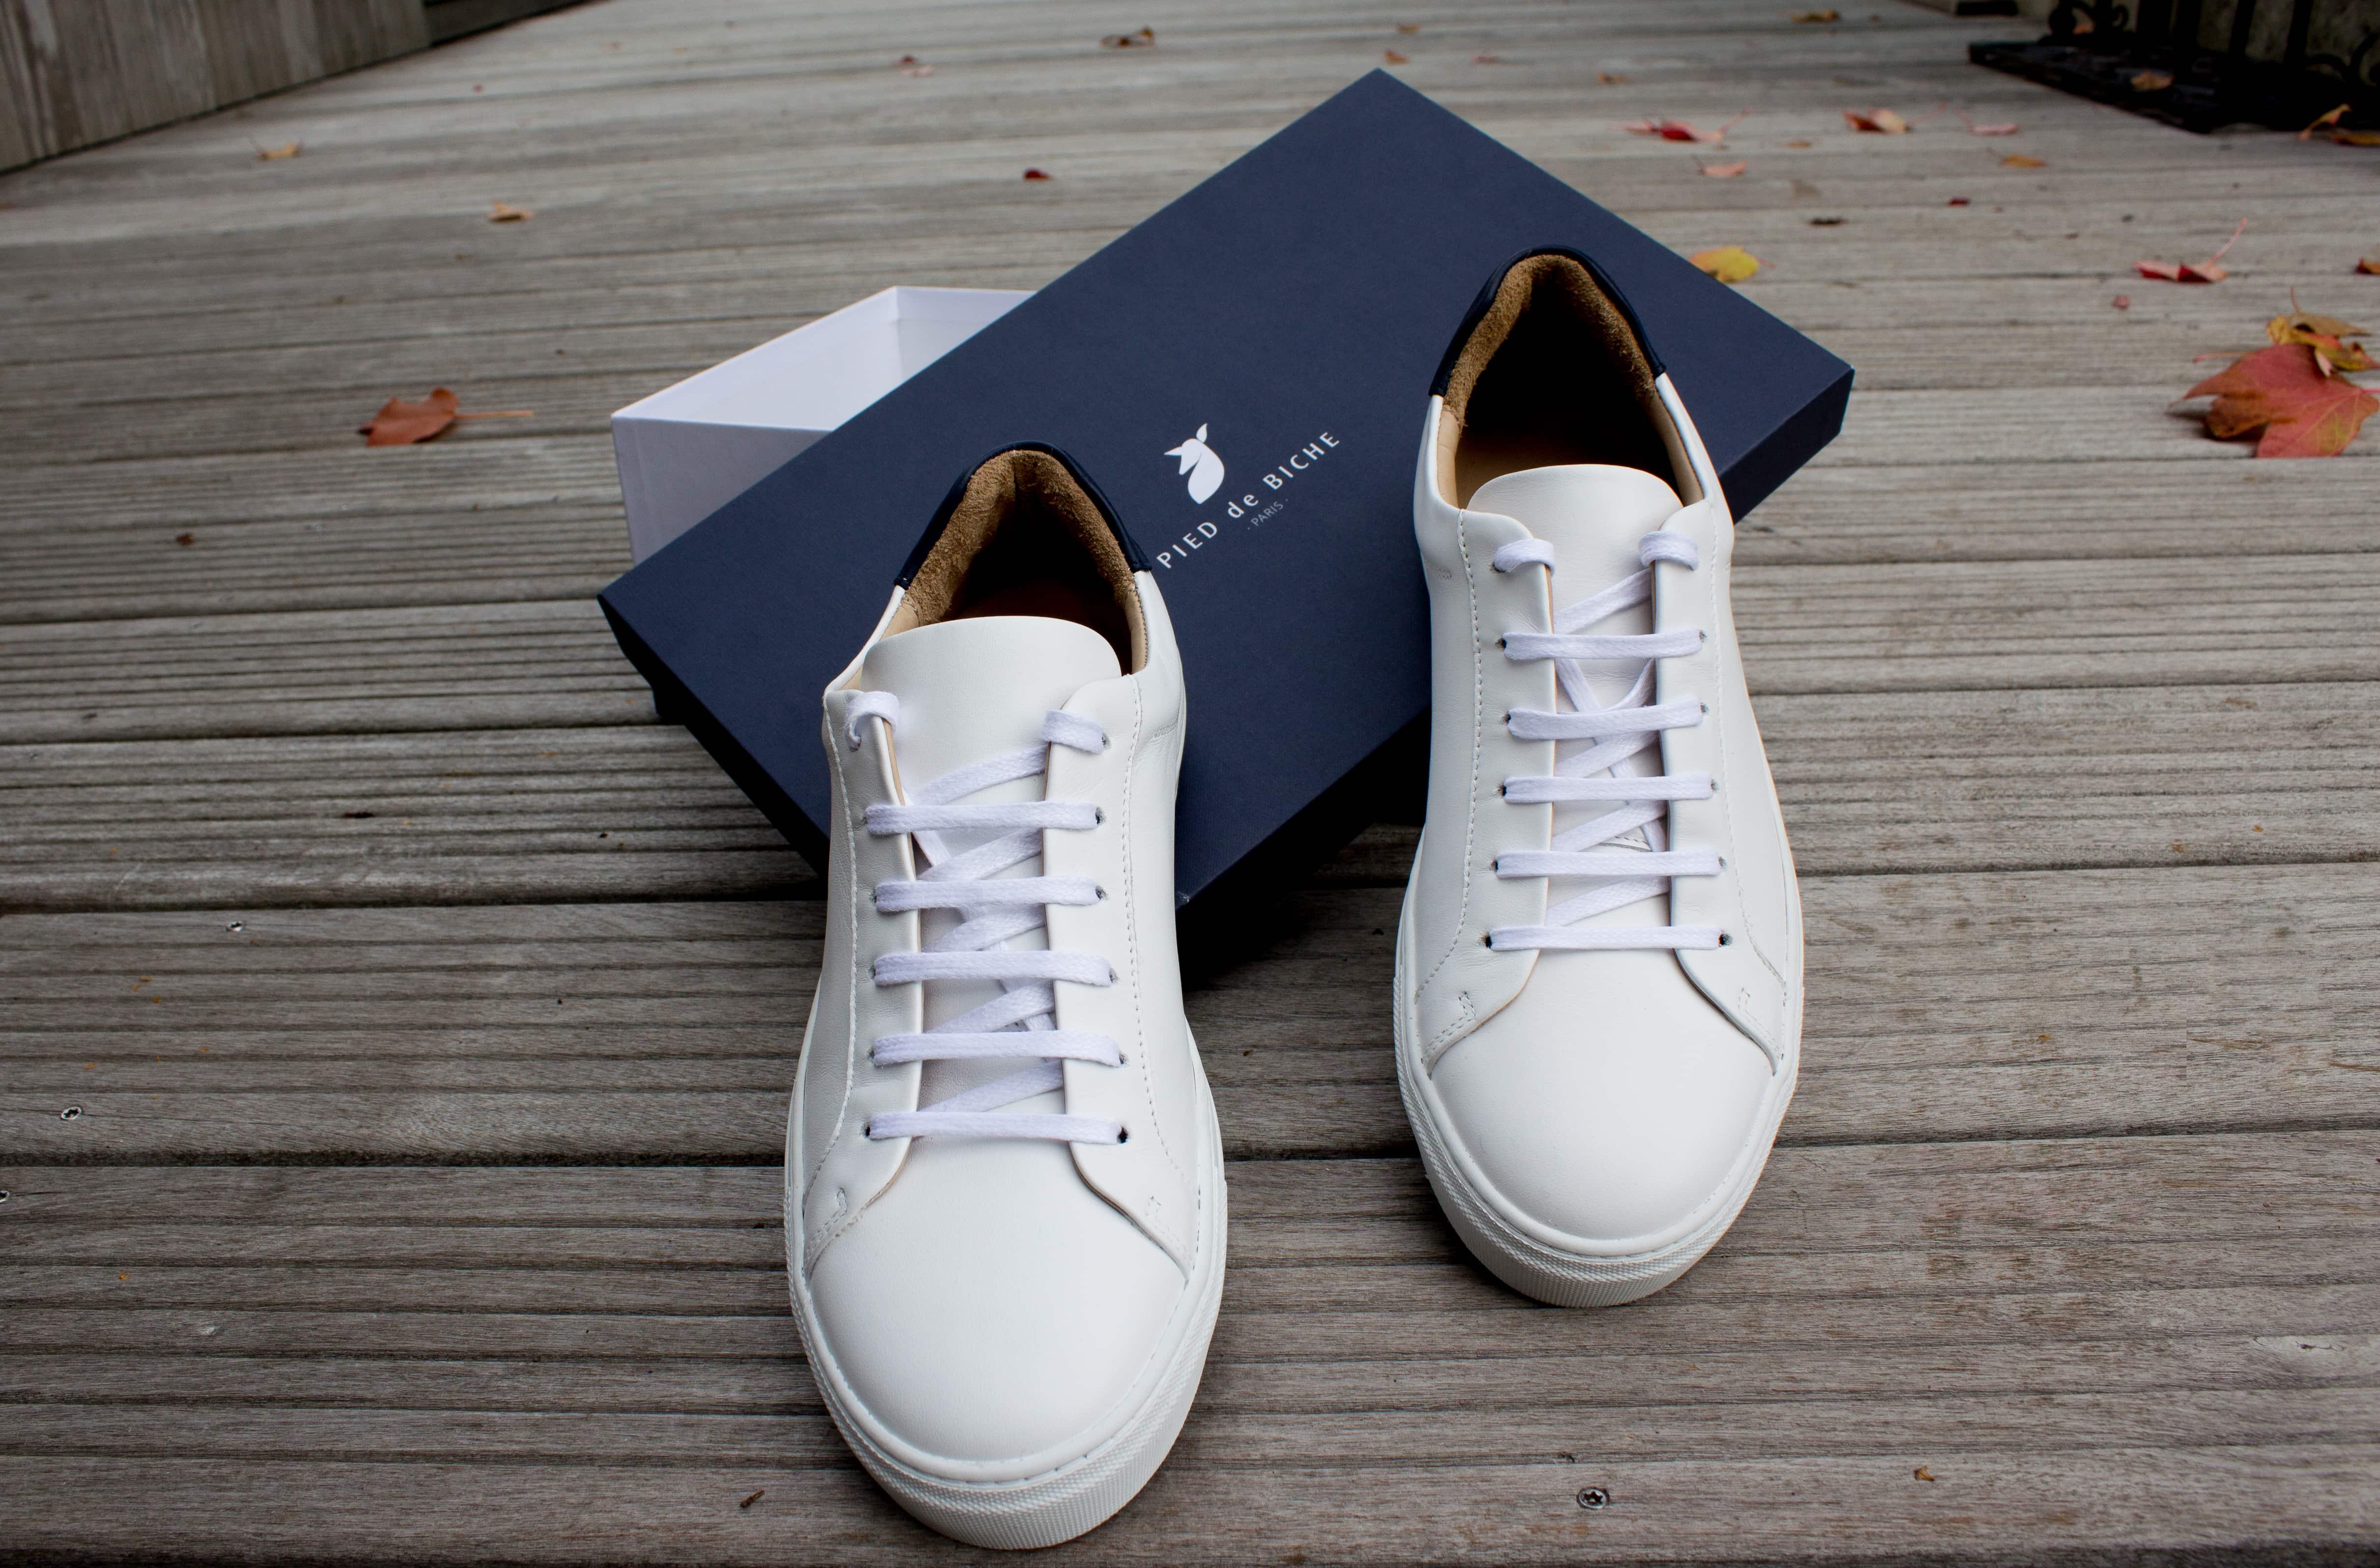 Pied de Biche chaussures et boîte